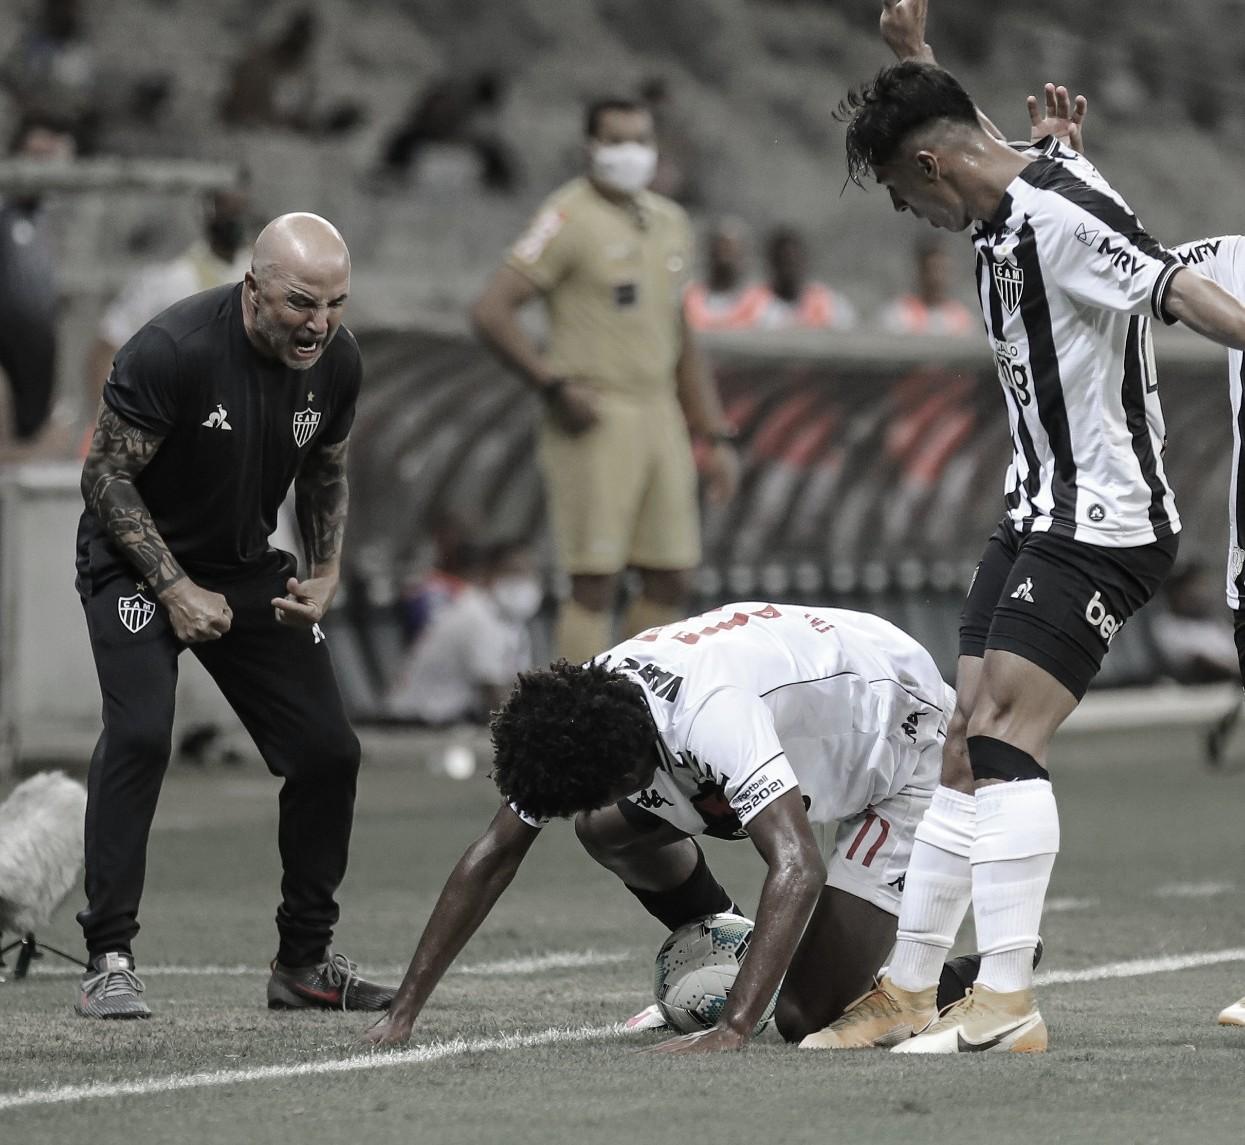 Foto: Divulgação/Clube Atlético Mineiro